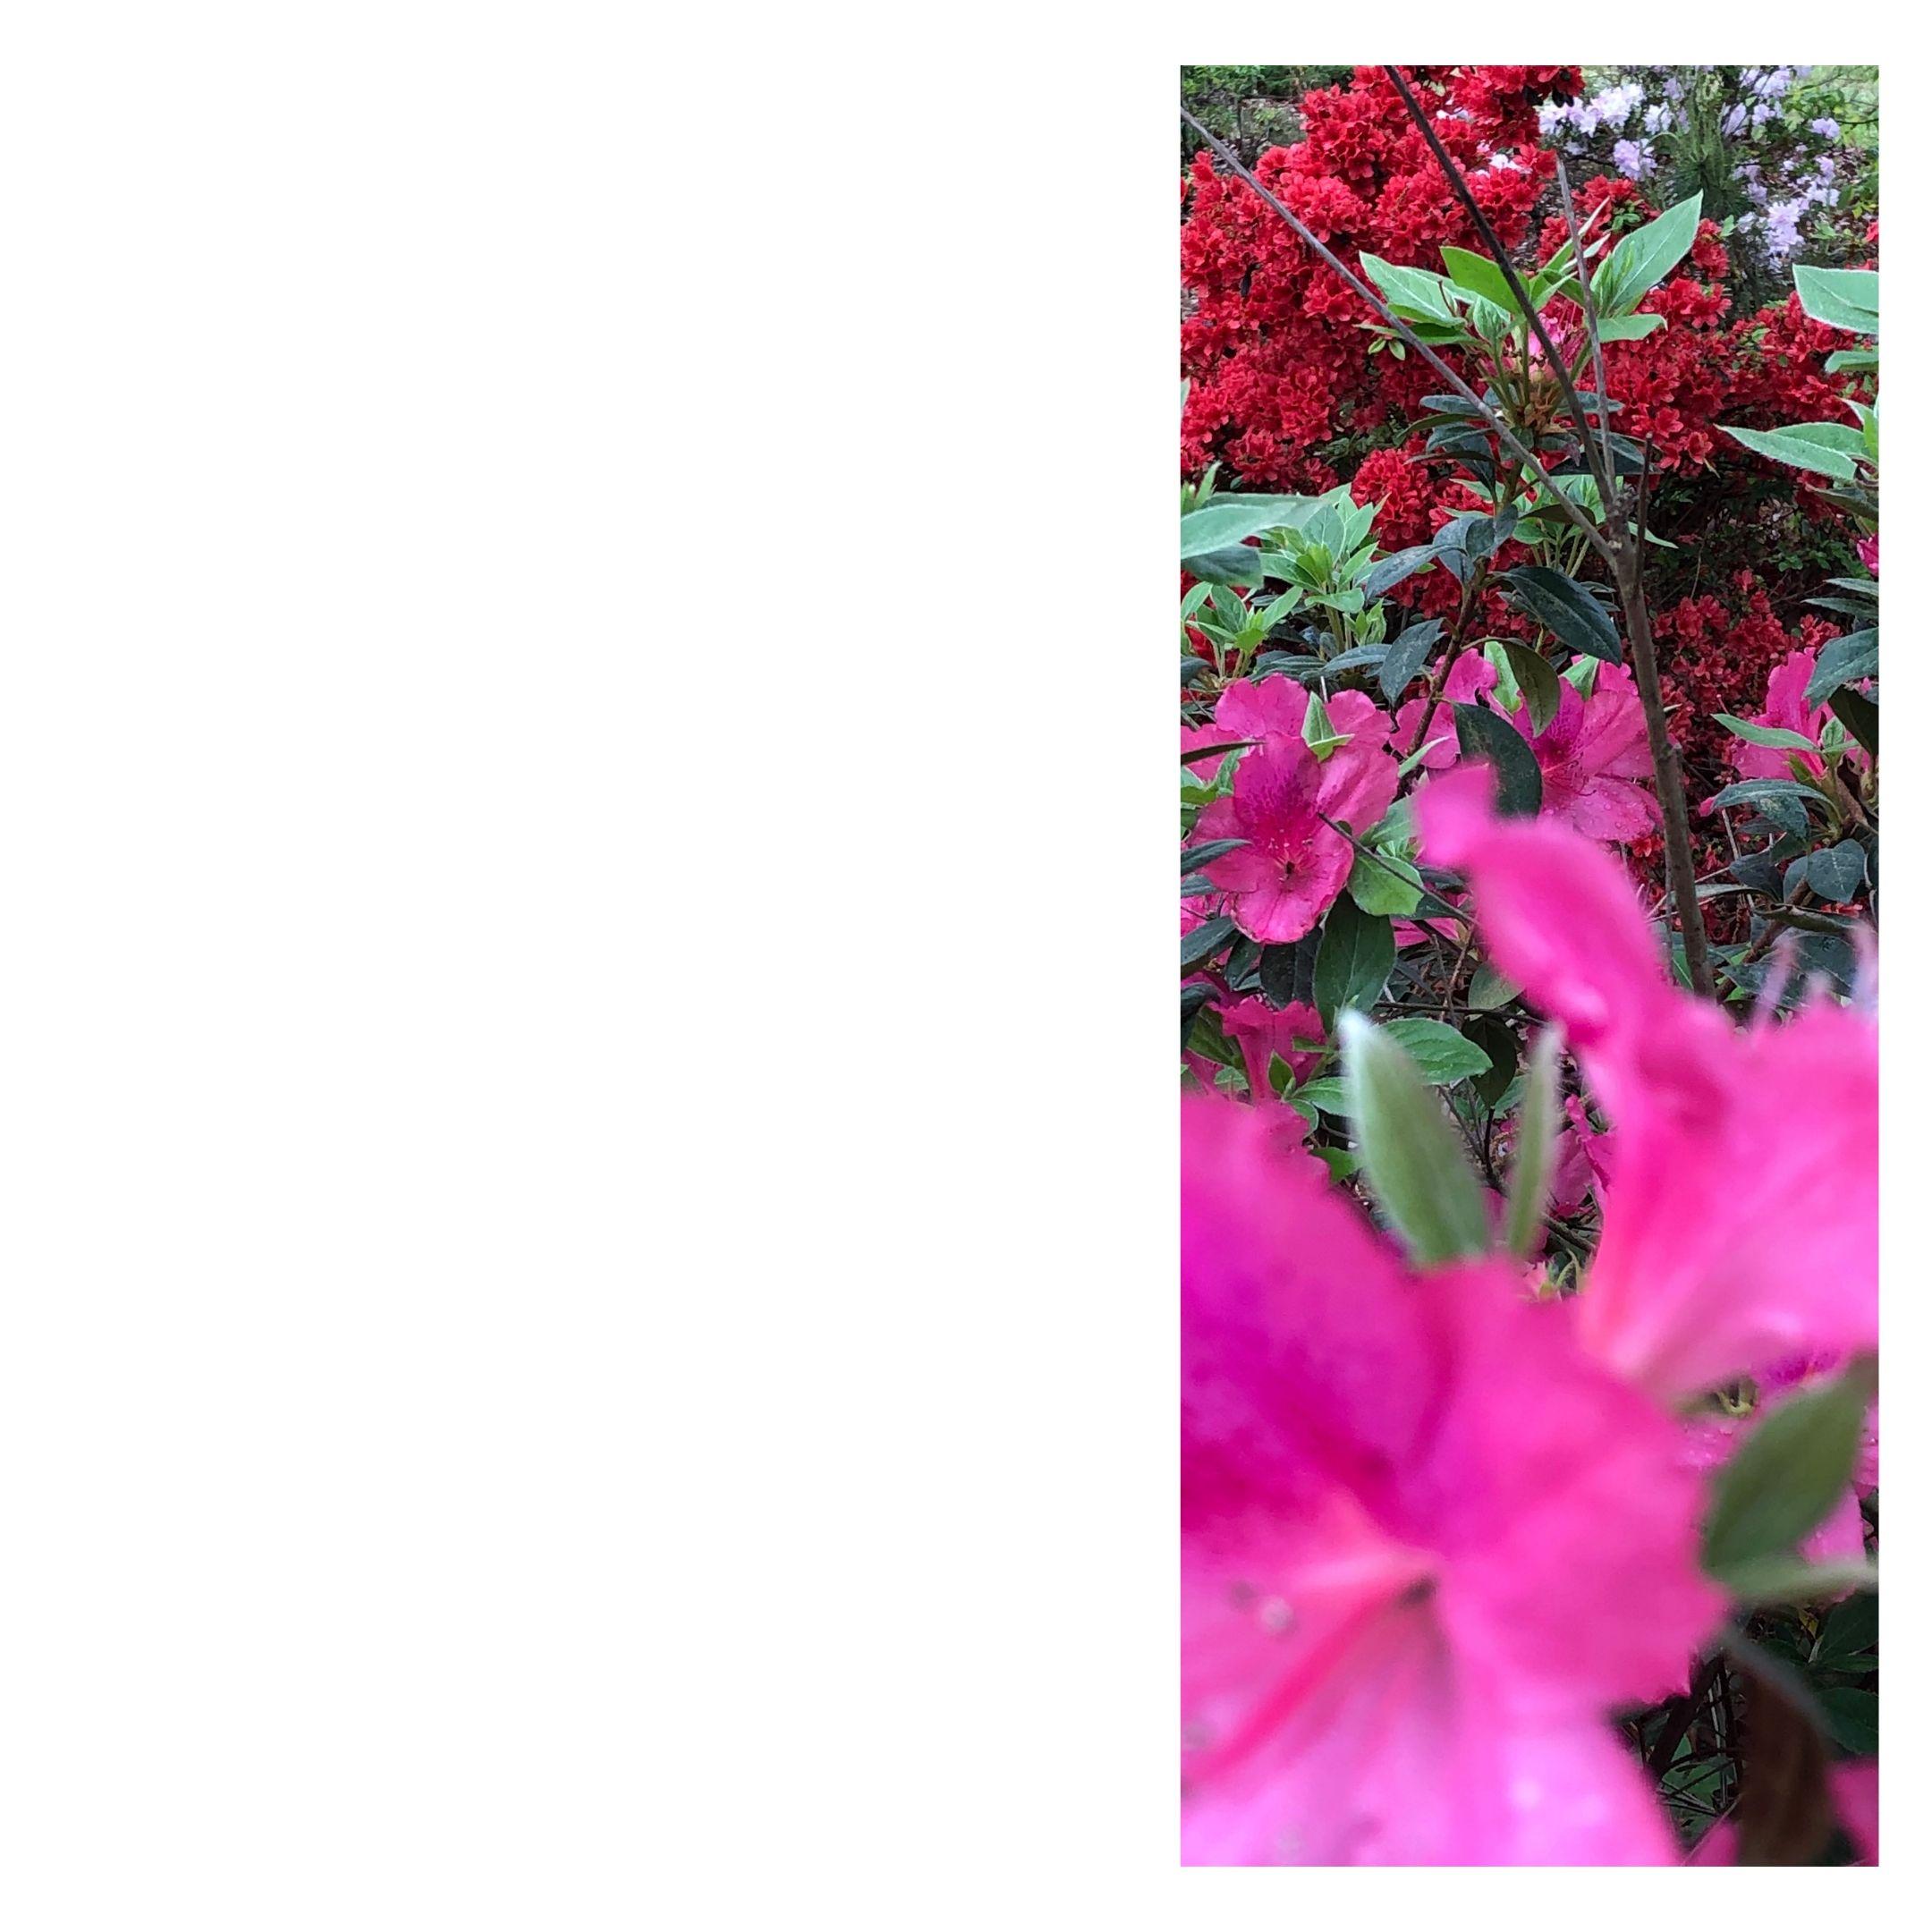 azaleas: three hues